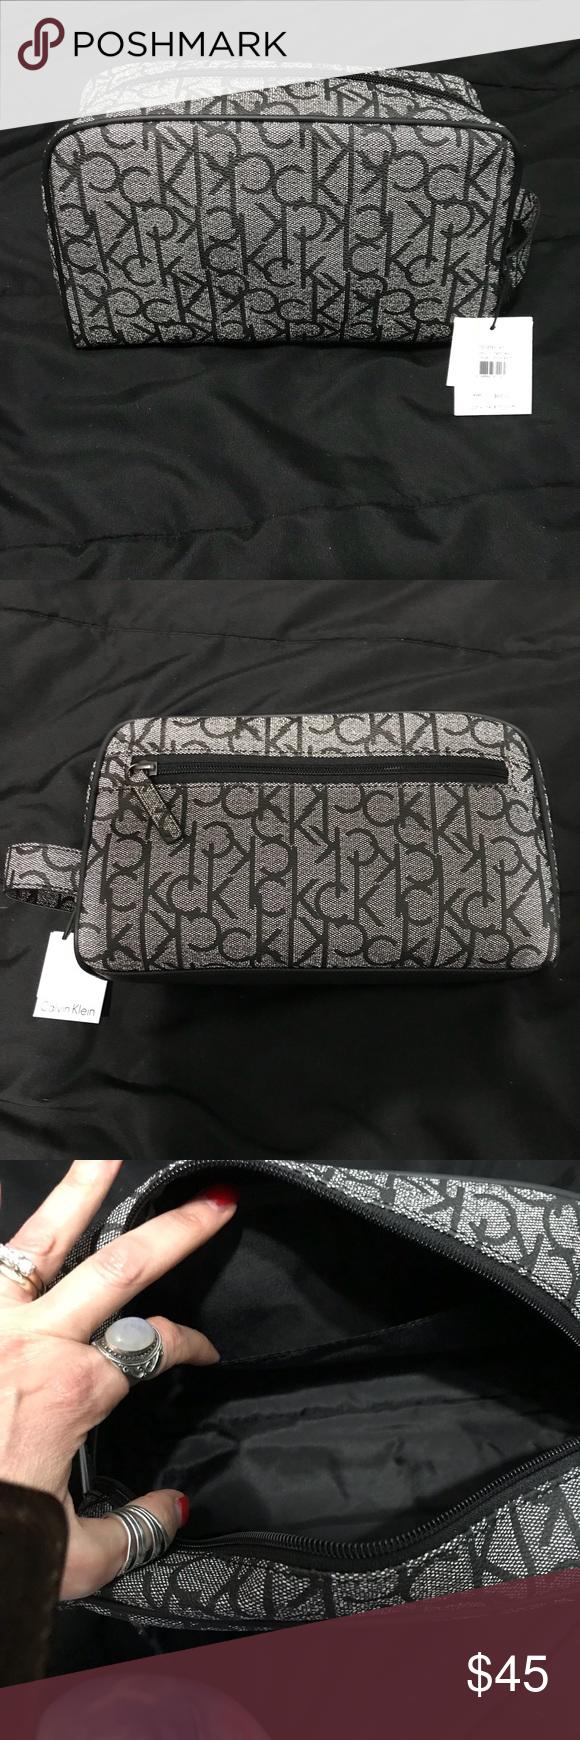 7682649187 Calvin Klein toiletry bag travel bag Calvin Klein toiletry bag